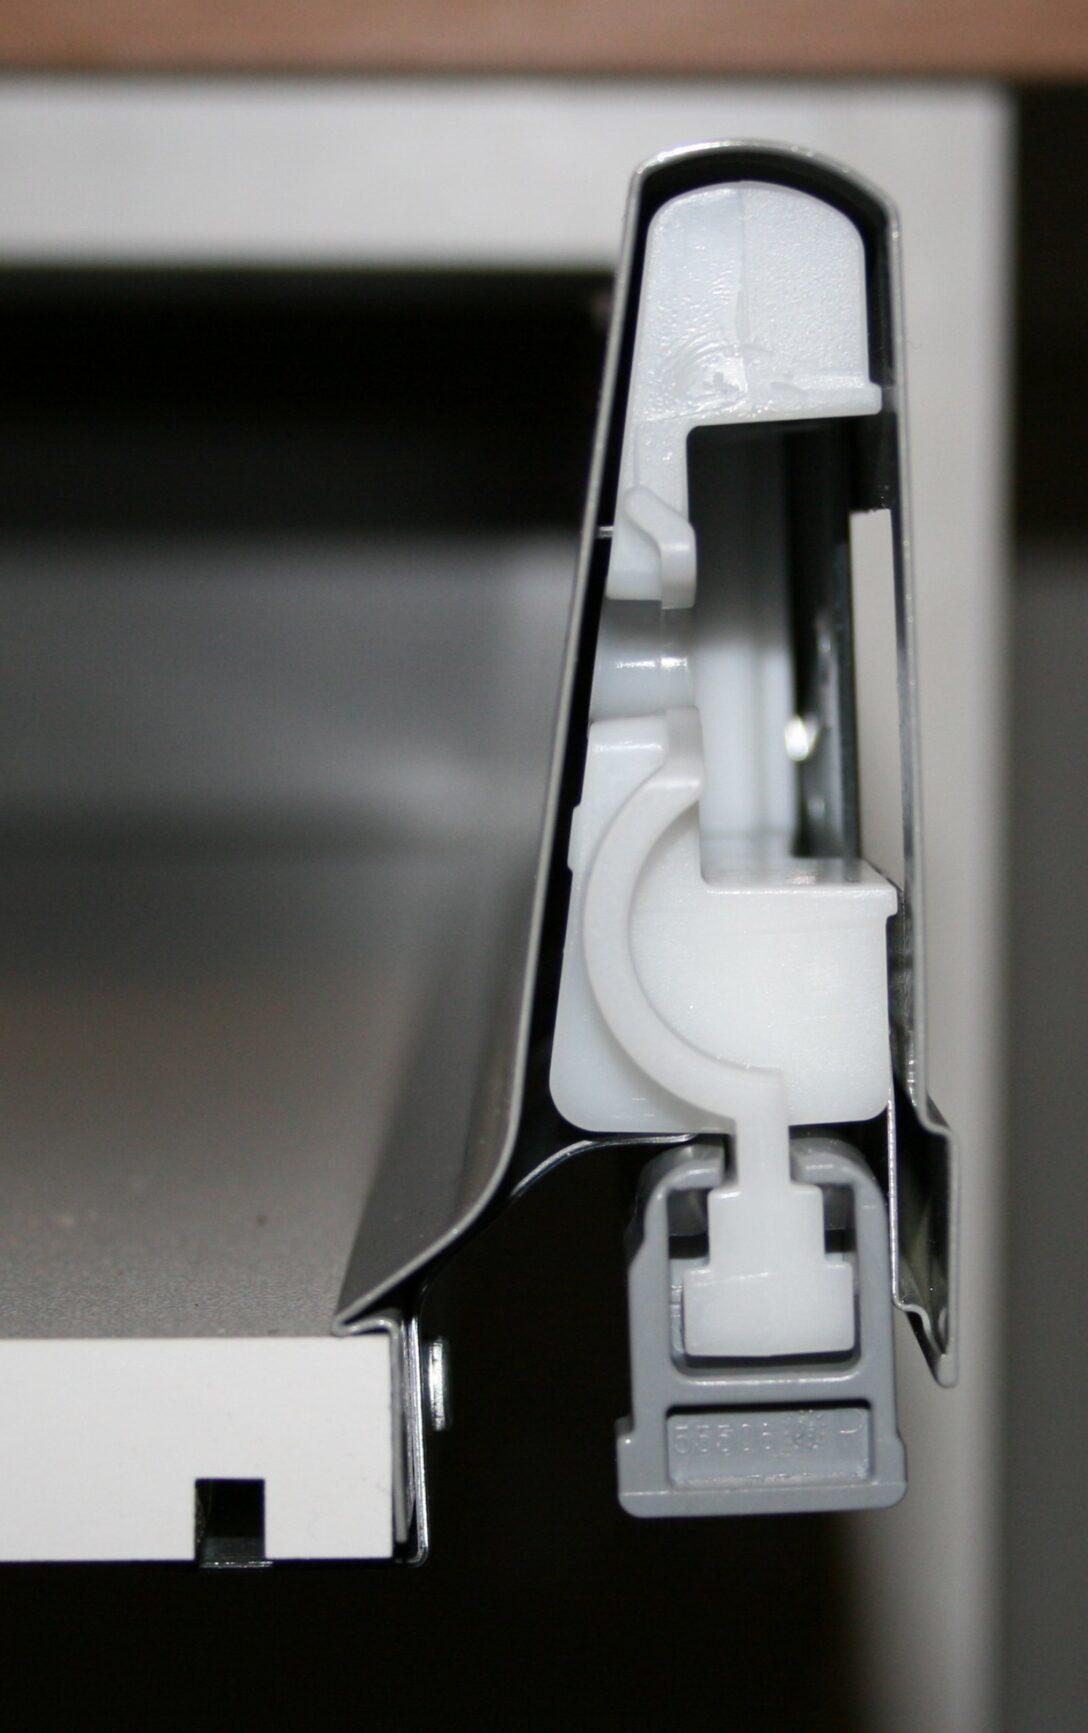 Large Size of Nolte Küche Blende Entfernen Ikea Rationell Schubladen Ausbauen Schlitzflitzer Wasserhahn Für Led Panel Keramik Waschbecken Arbeitsplatte Möbelgriffe Wohnzimmer Nolte Küche Blende Entfernen